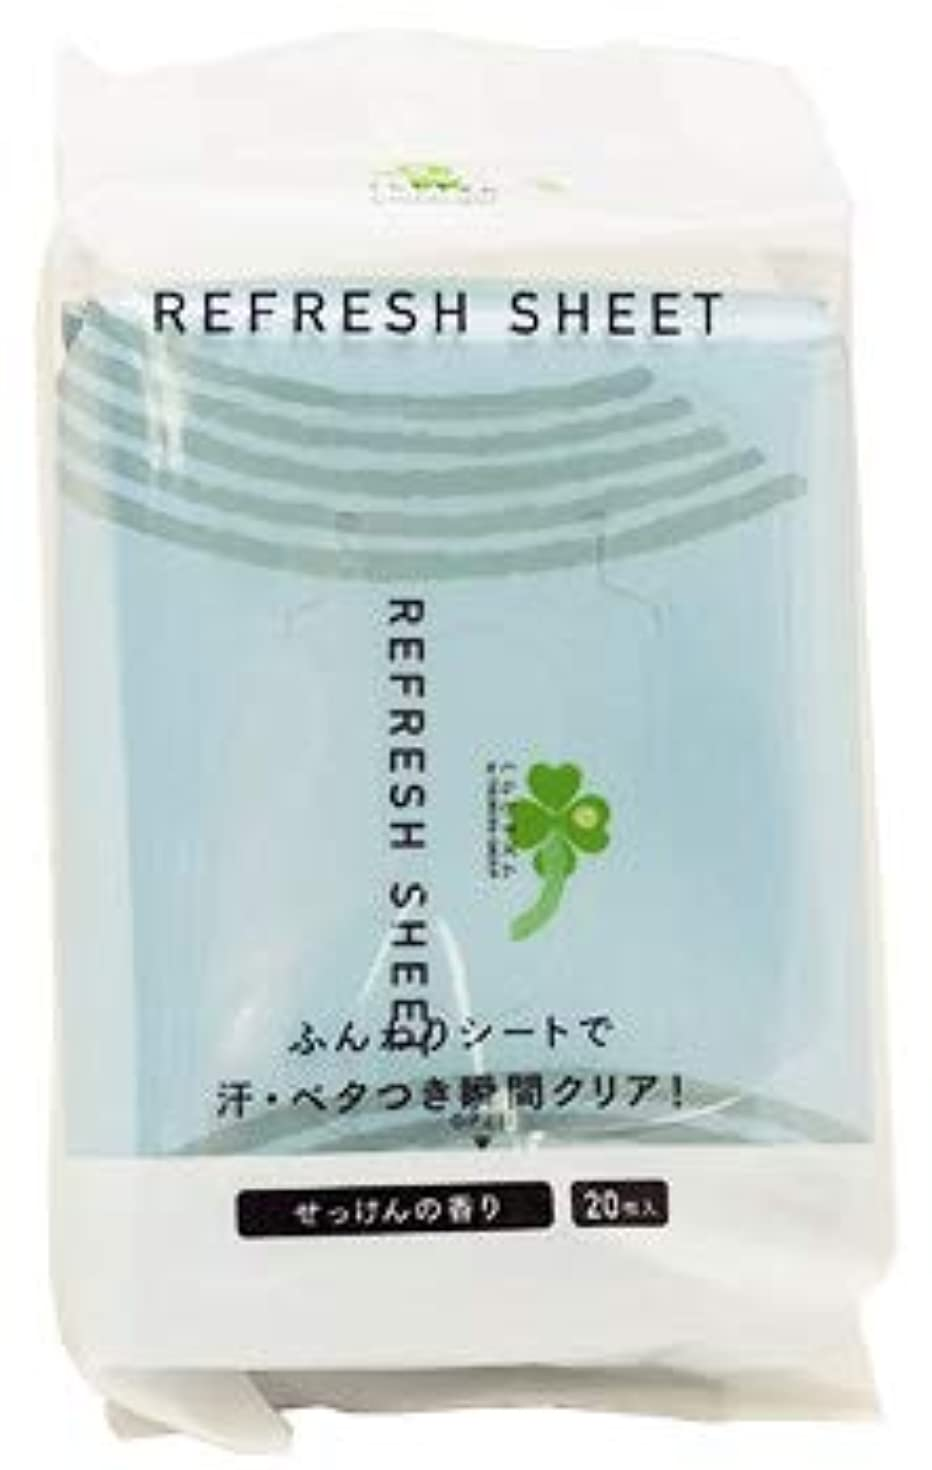 検索エンジンマーケティングサイクルスパイくらしリズム 汗ふきシート せっけんの香り (20枚入) ボディシート 制汗シート